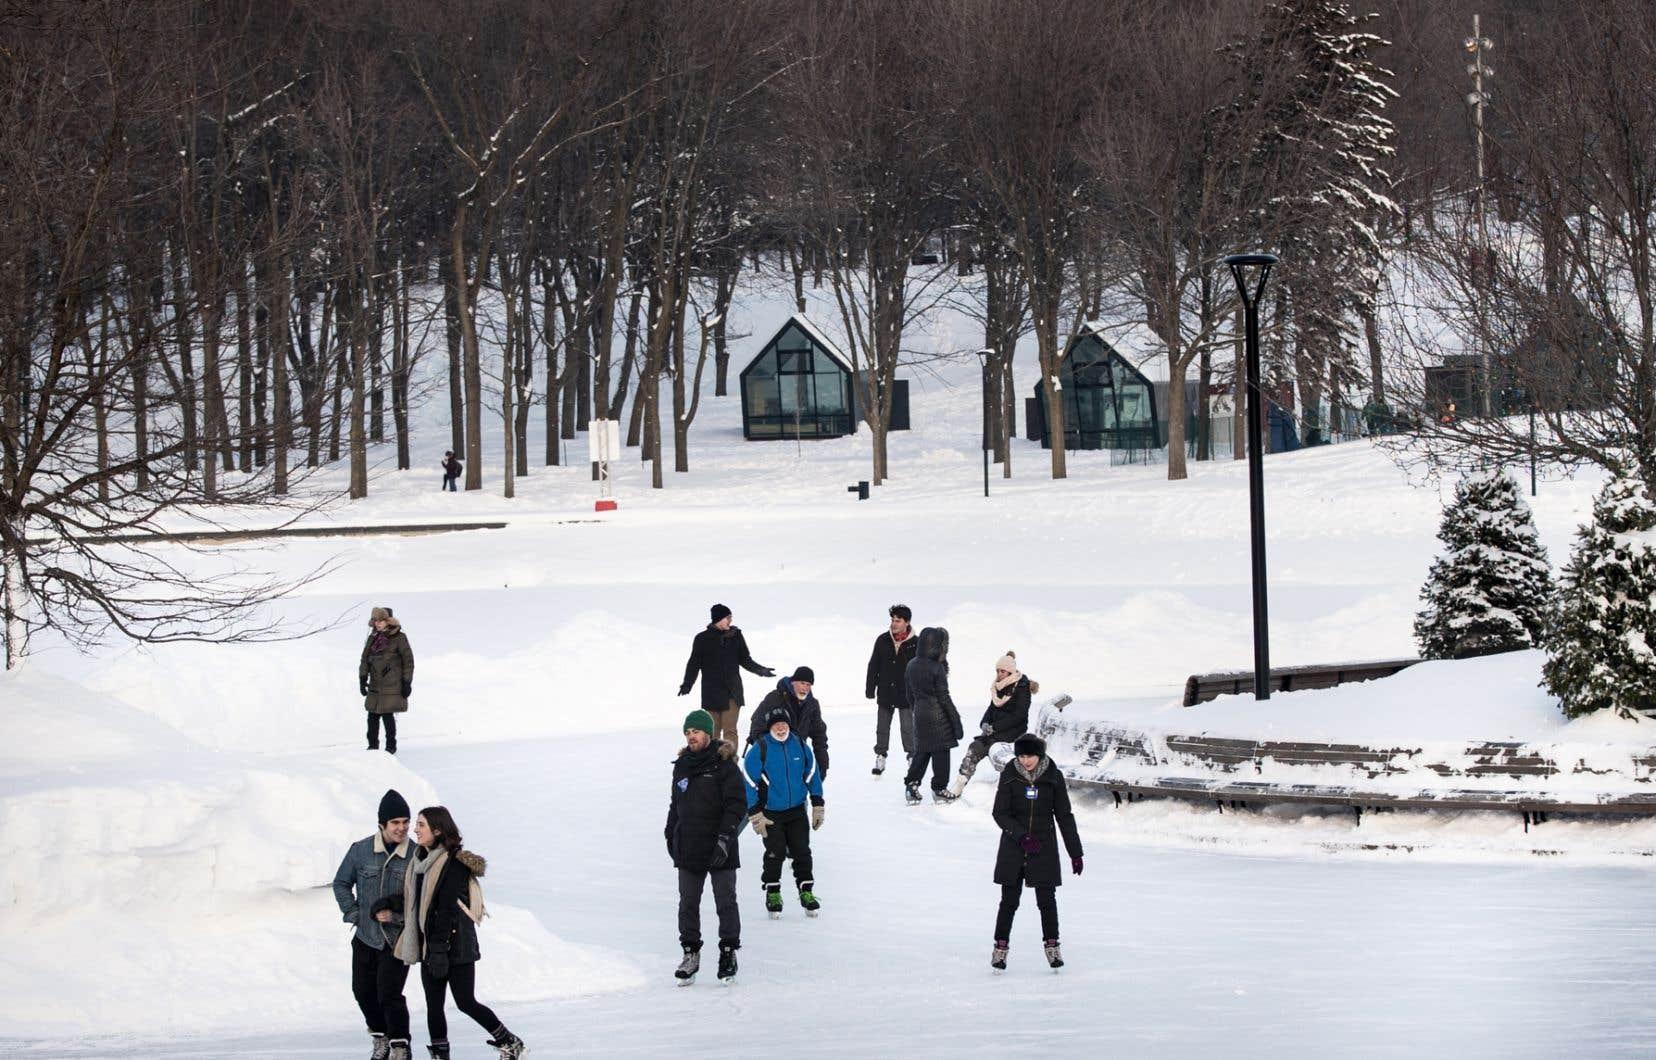 À titre d'exemple, le chercheuse mentionne la disparition de la patinoire naturelle du mont Royal où les citadins allaient patiner depuis des décennies.